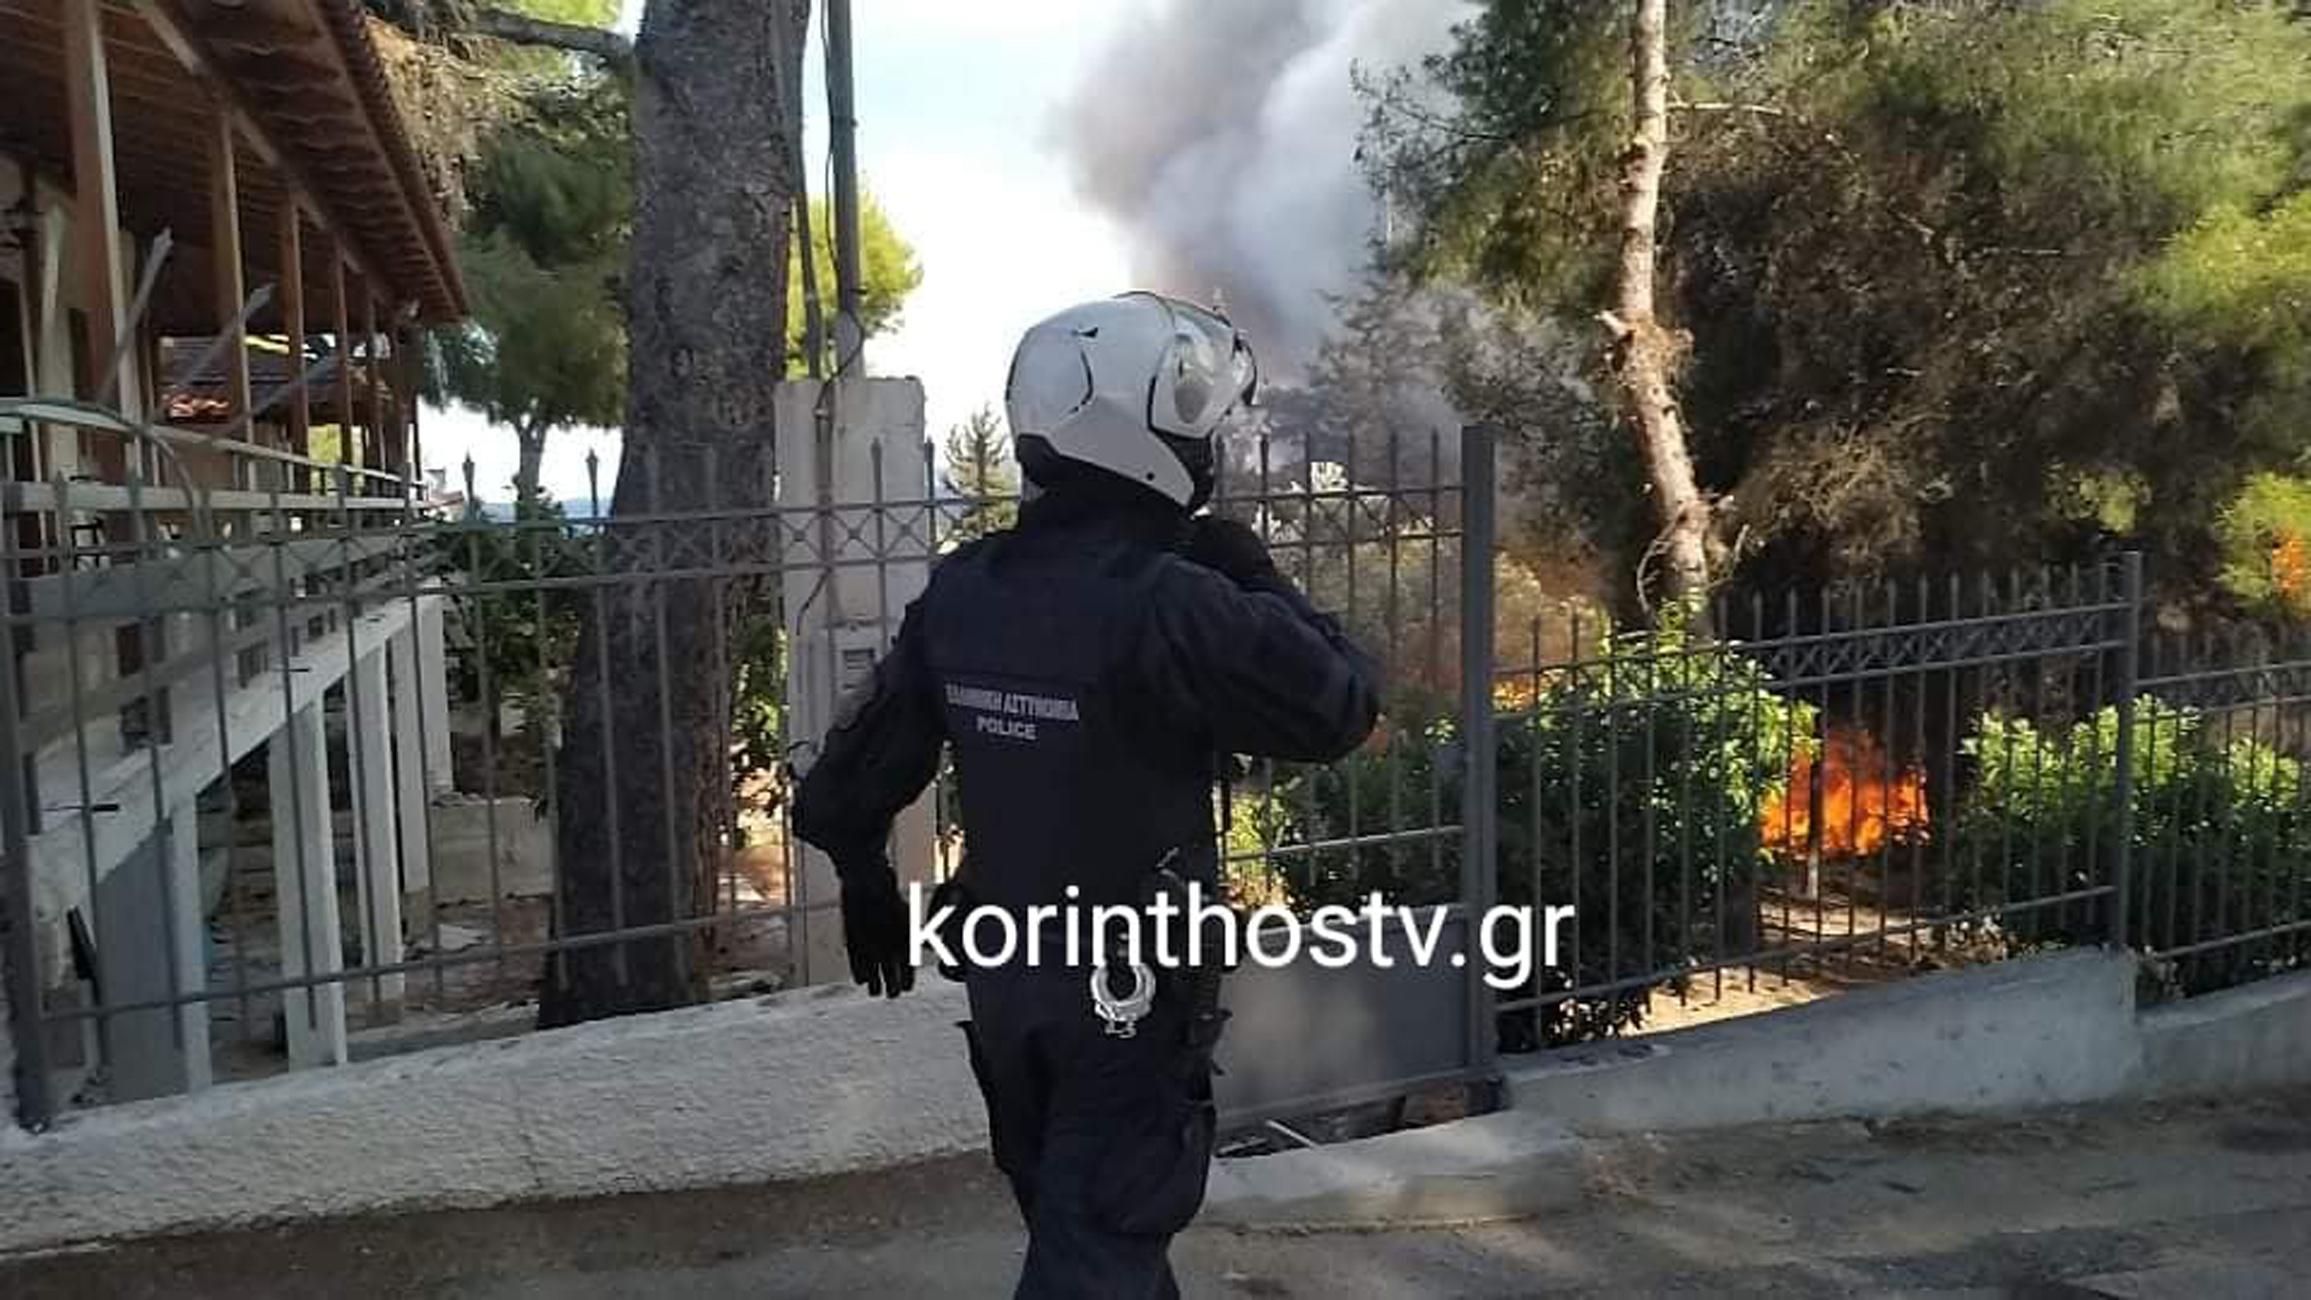 Φωτιά στα Ίσθμια: Μια ανάσα από τα σπίτια οι φλόγες, παραμένει κλειστή η Π.Ε.Ο Ισθμού – Επιδαύρου (pics, video)